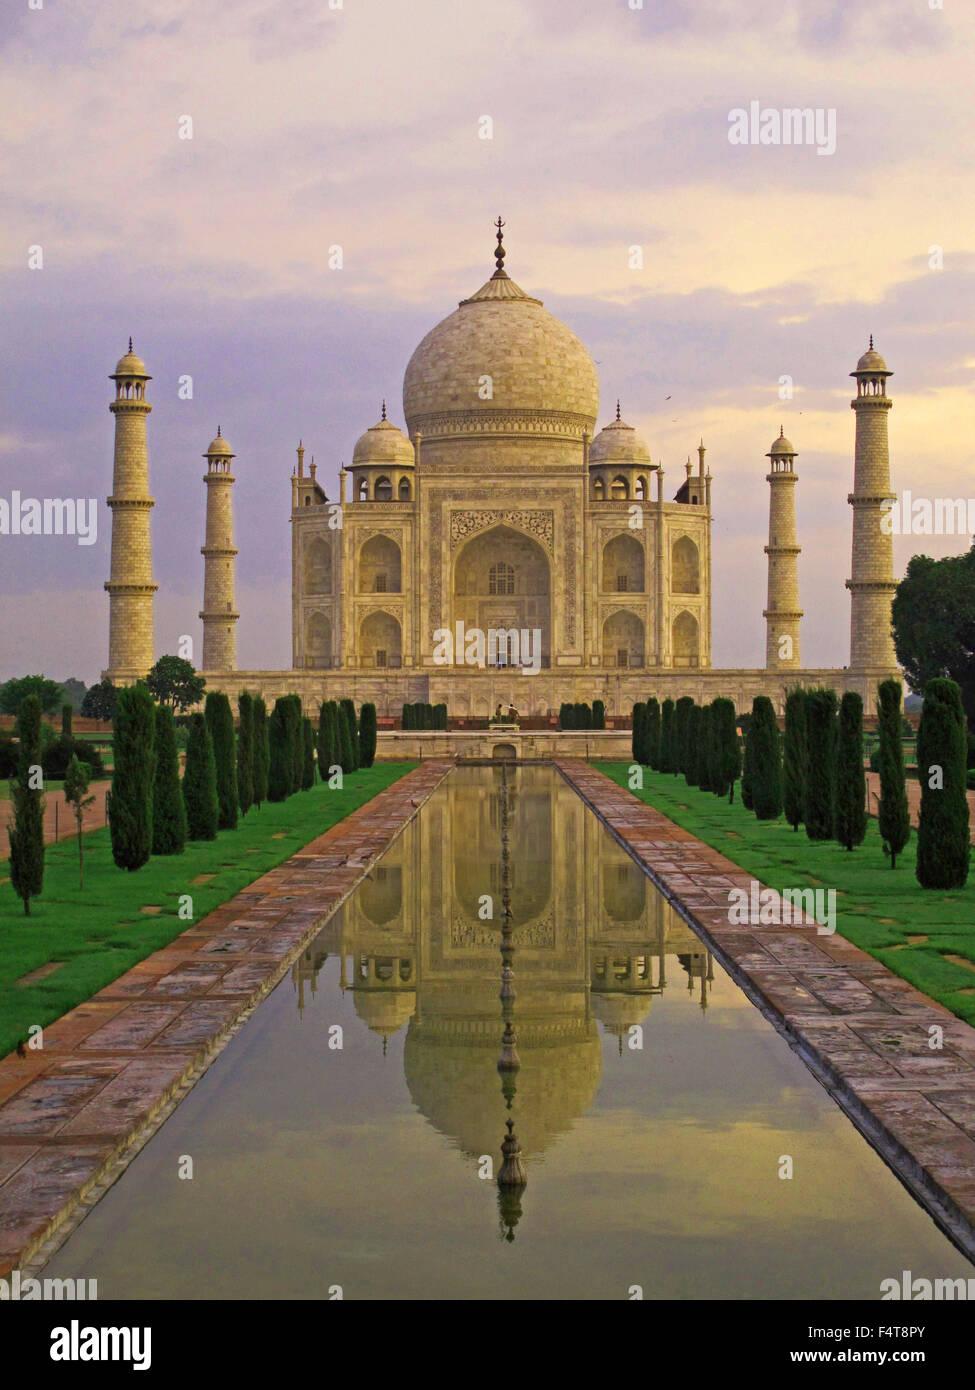 El Taj Mahal al amanecer en la India, Agra, mármol blanco amanecer rompiendo Imagen De Stock